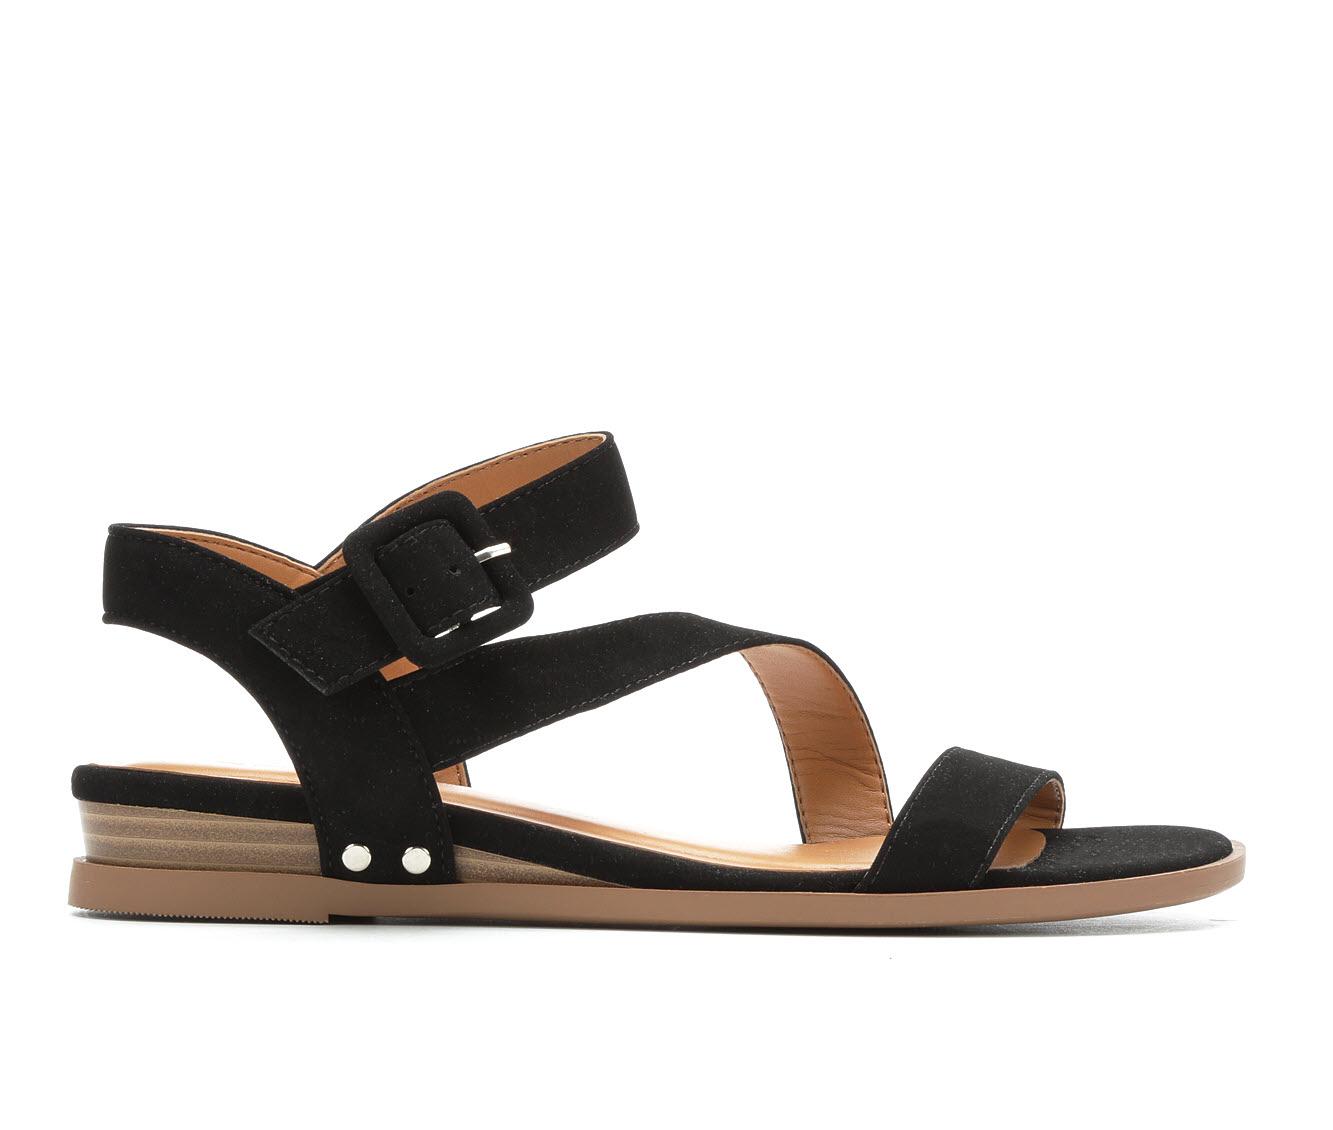 Solanz Sydney Women's Sandal (Black Faux Leather)